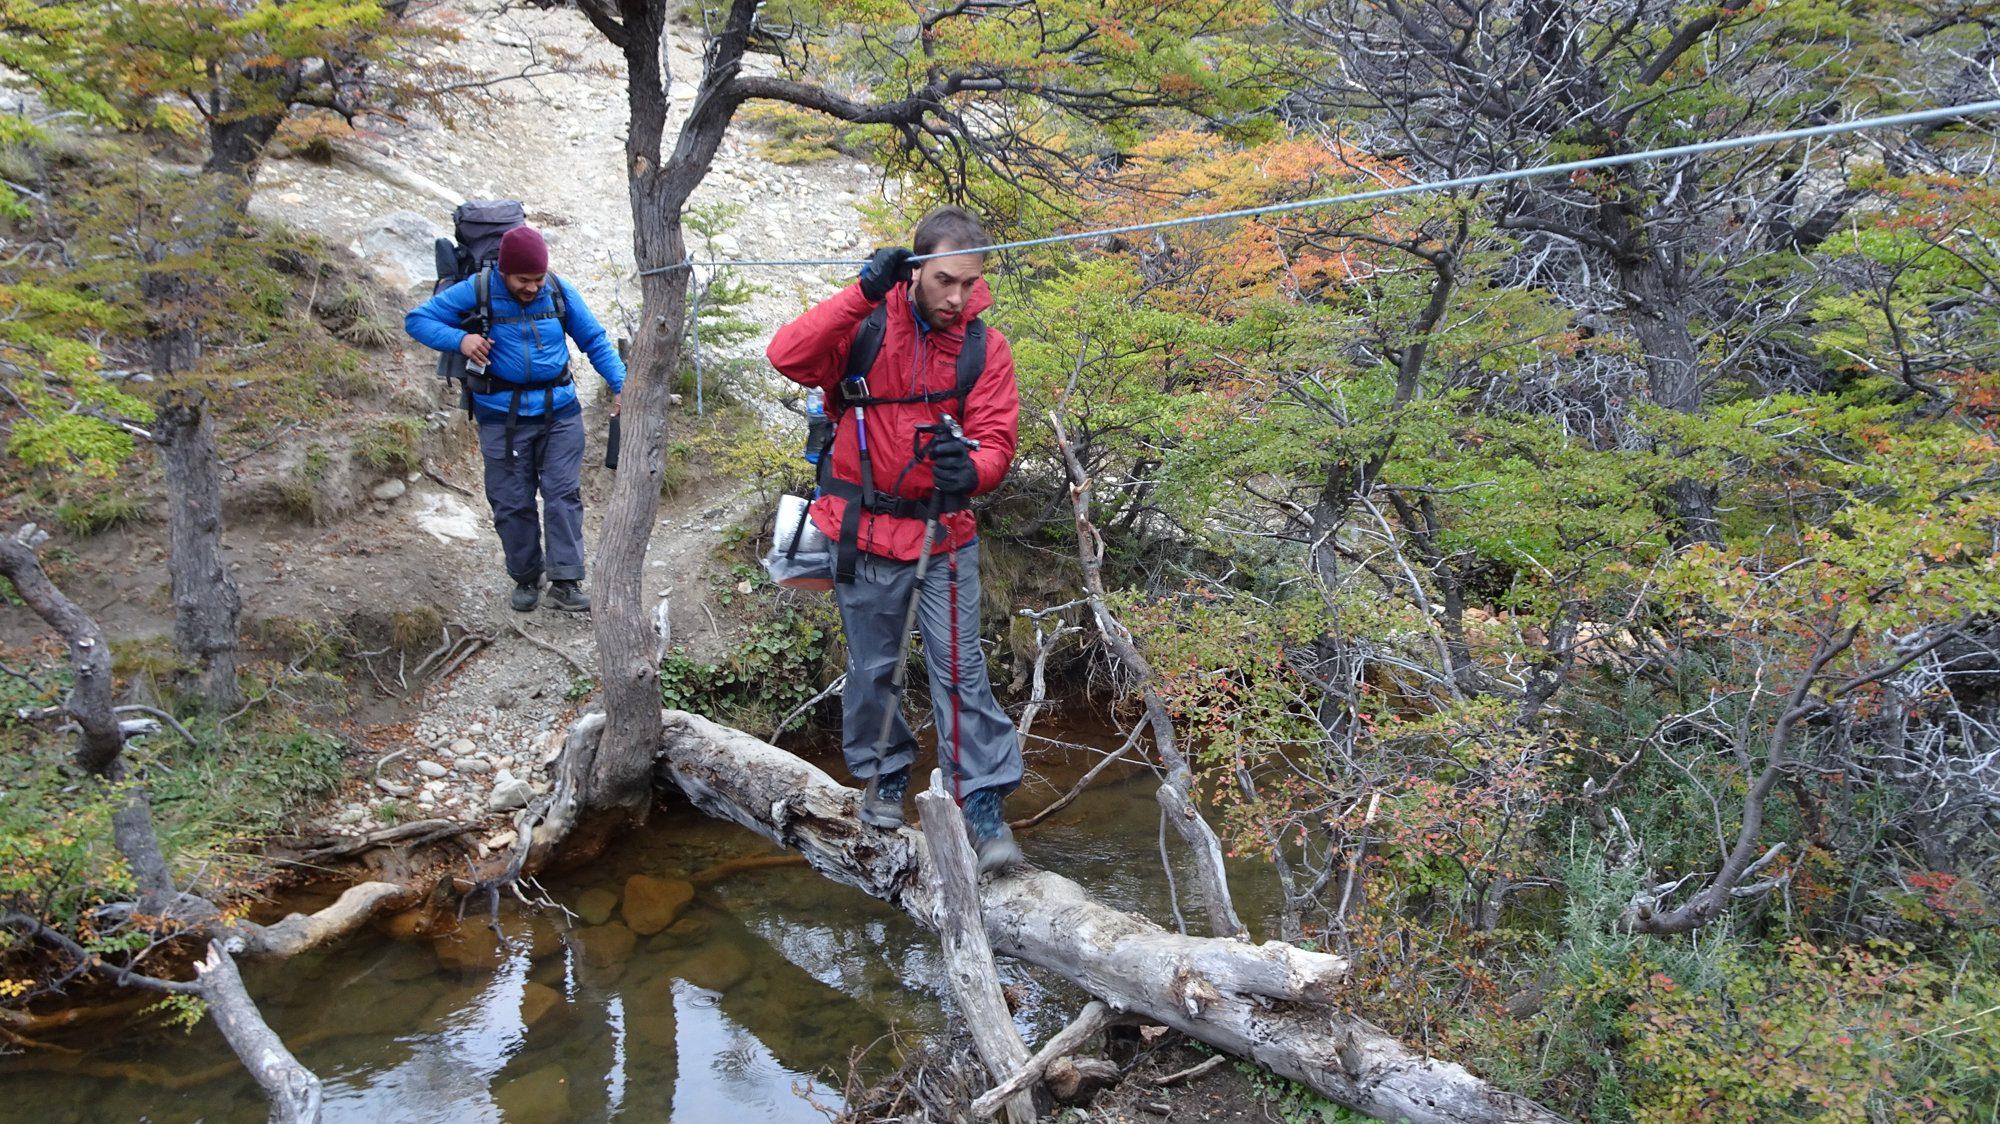 Flussüberquerung auf Baum, Huemul Circuit, El Chaltén, Patagonien, Argentinien, Wanderung, Trekking